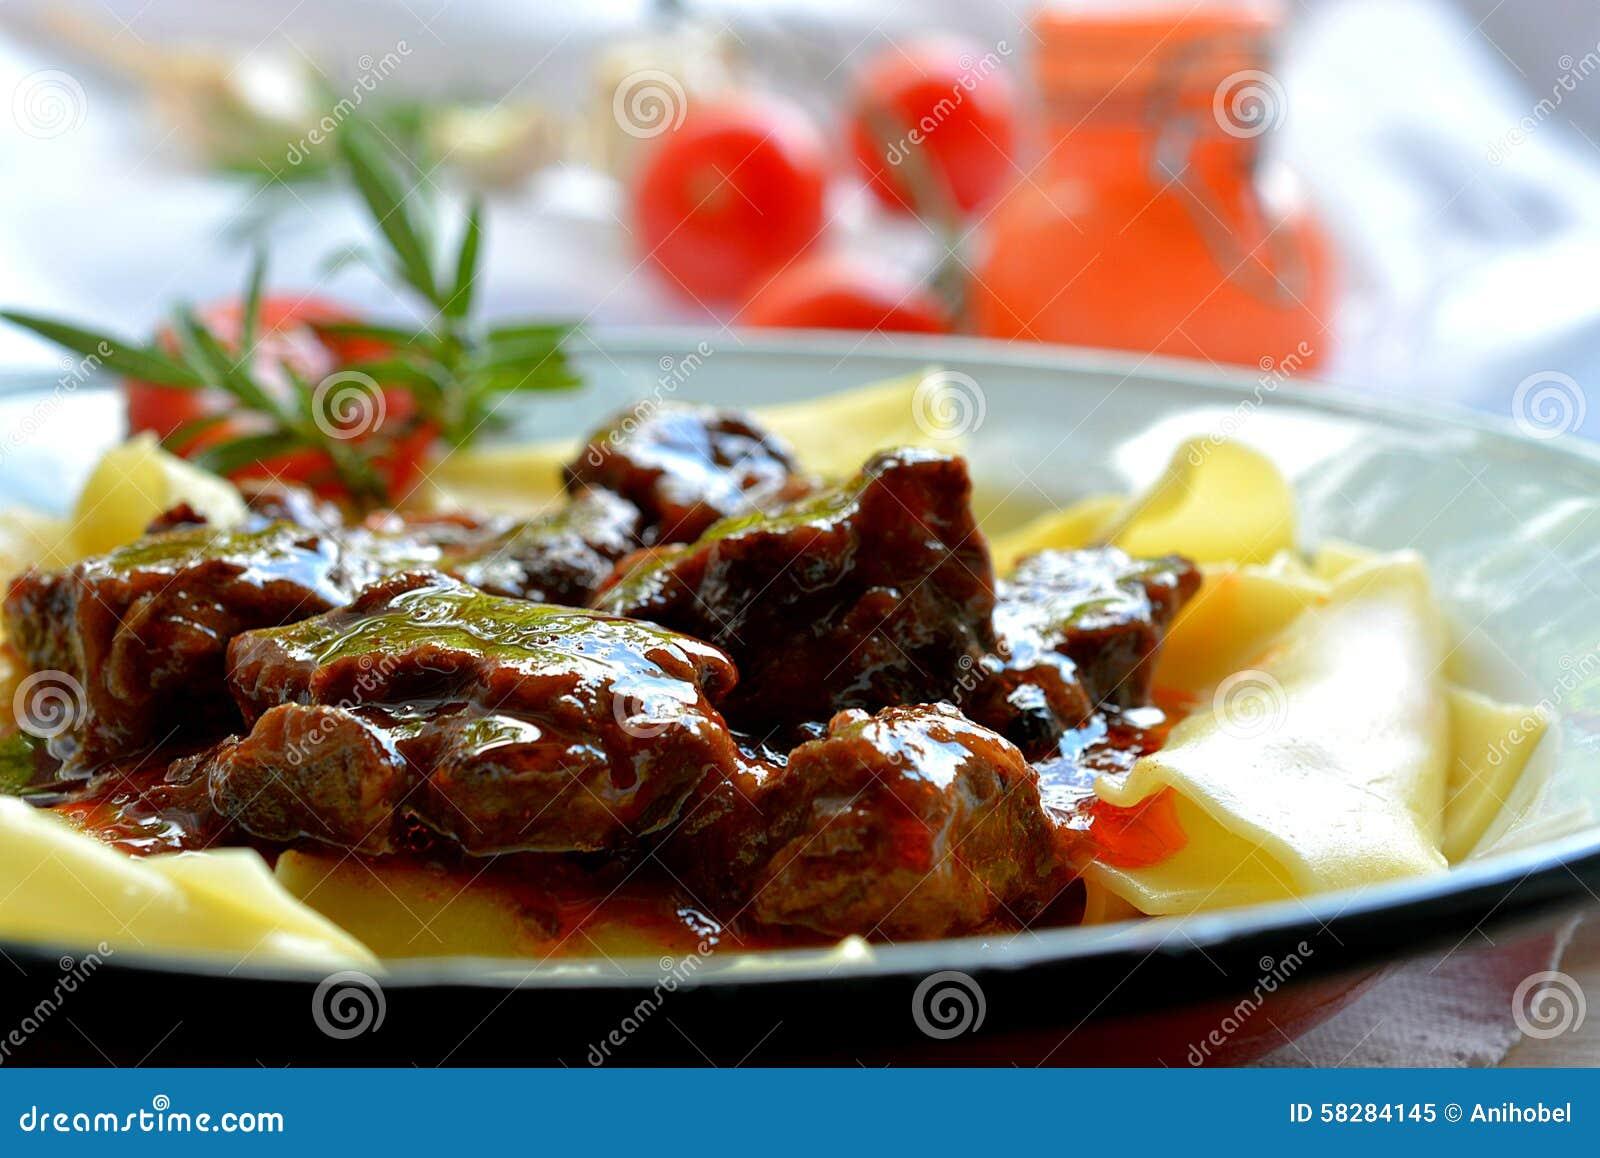 Beef Goulash Stock Photo - Image: 58284145